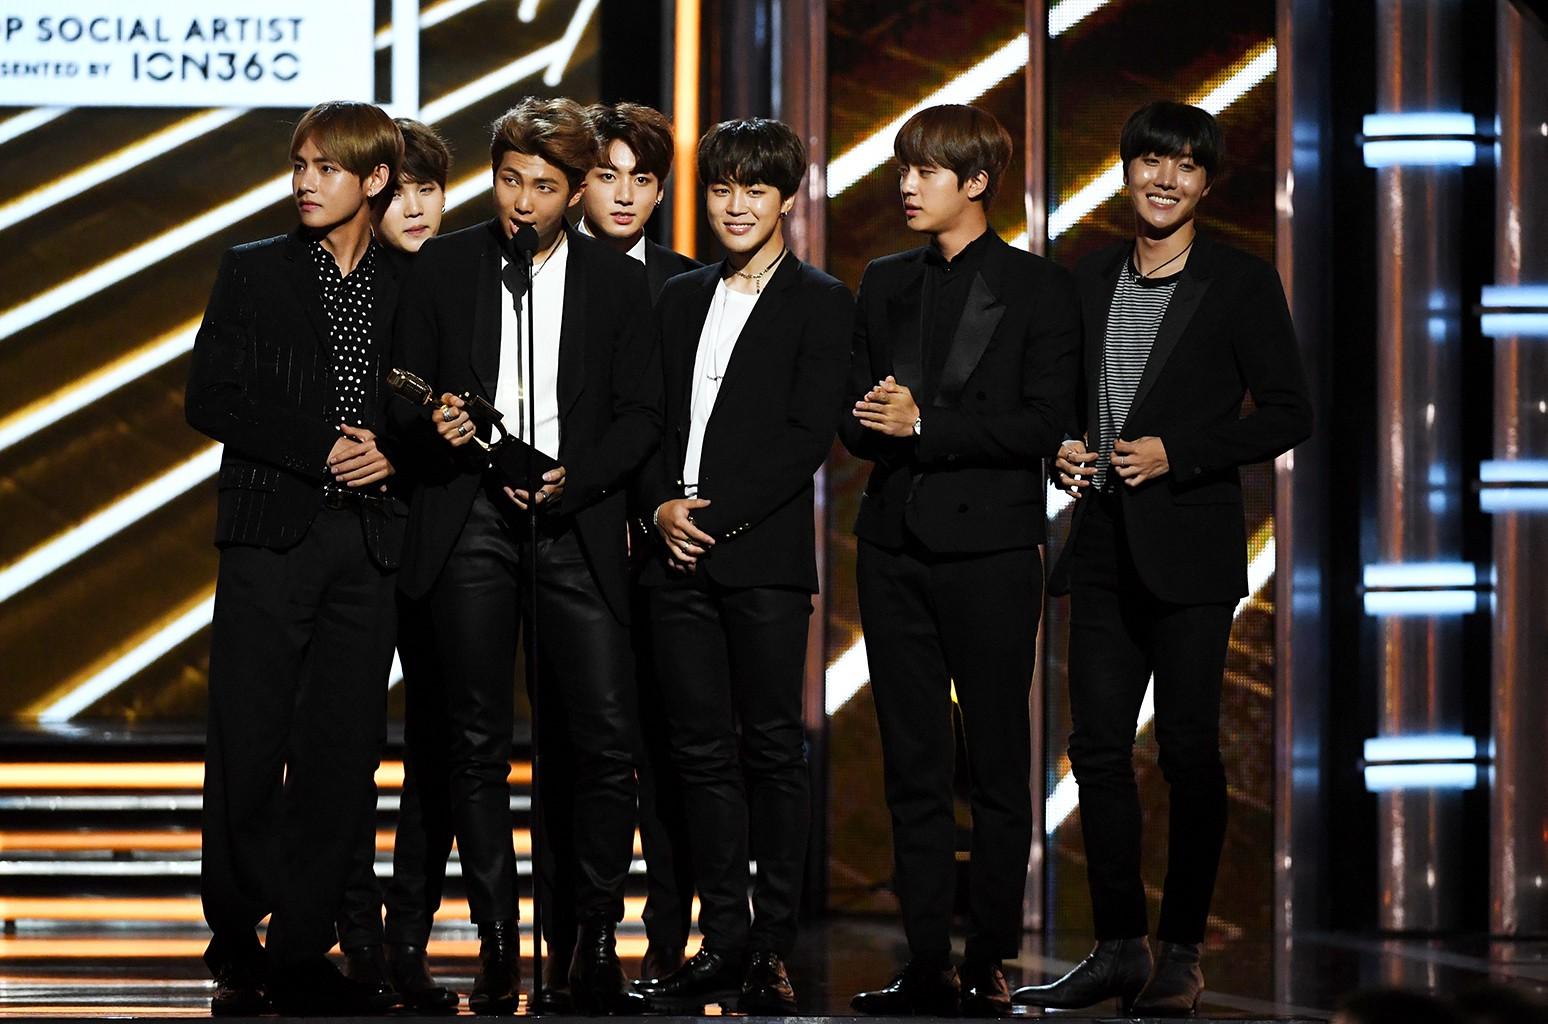 Từ concert Wembley lịch sử cho đến hội đồng bỏ phiếu của giải Grammy: sẽ không có một BTS kết thúc ở hai từ hiện tượng - Ảnh 2.